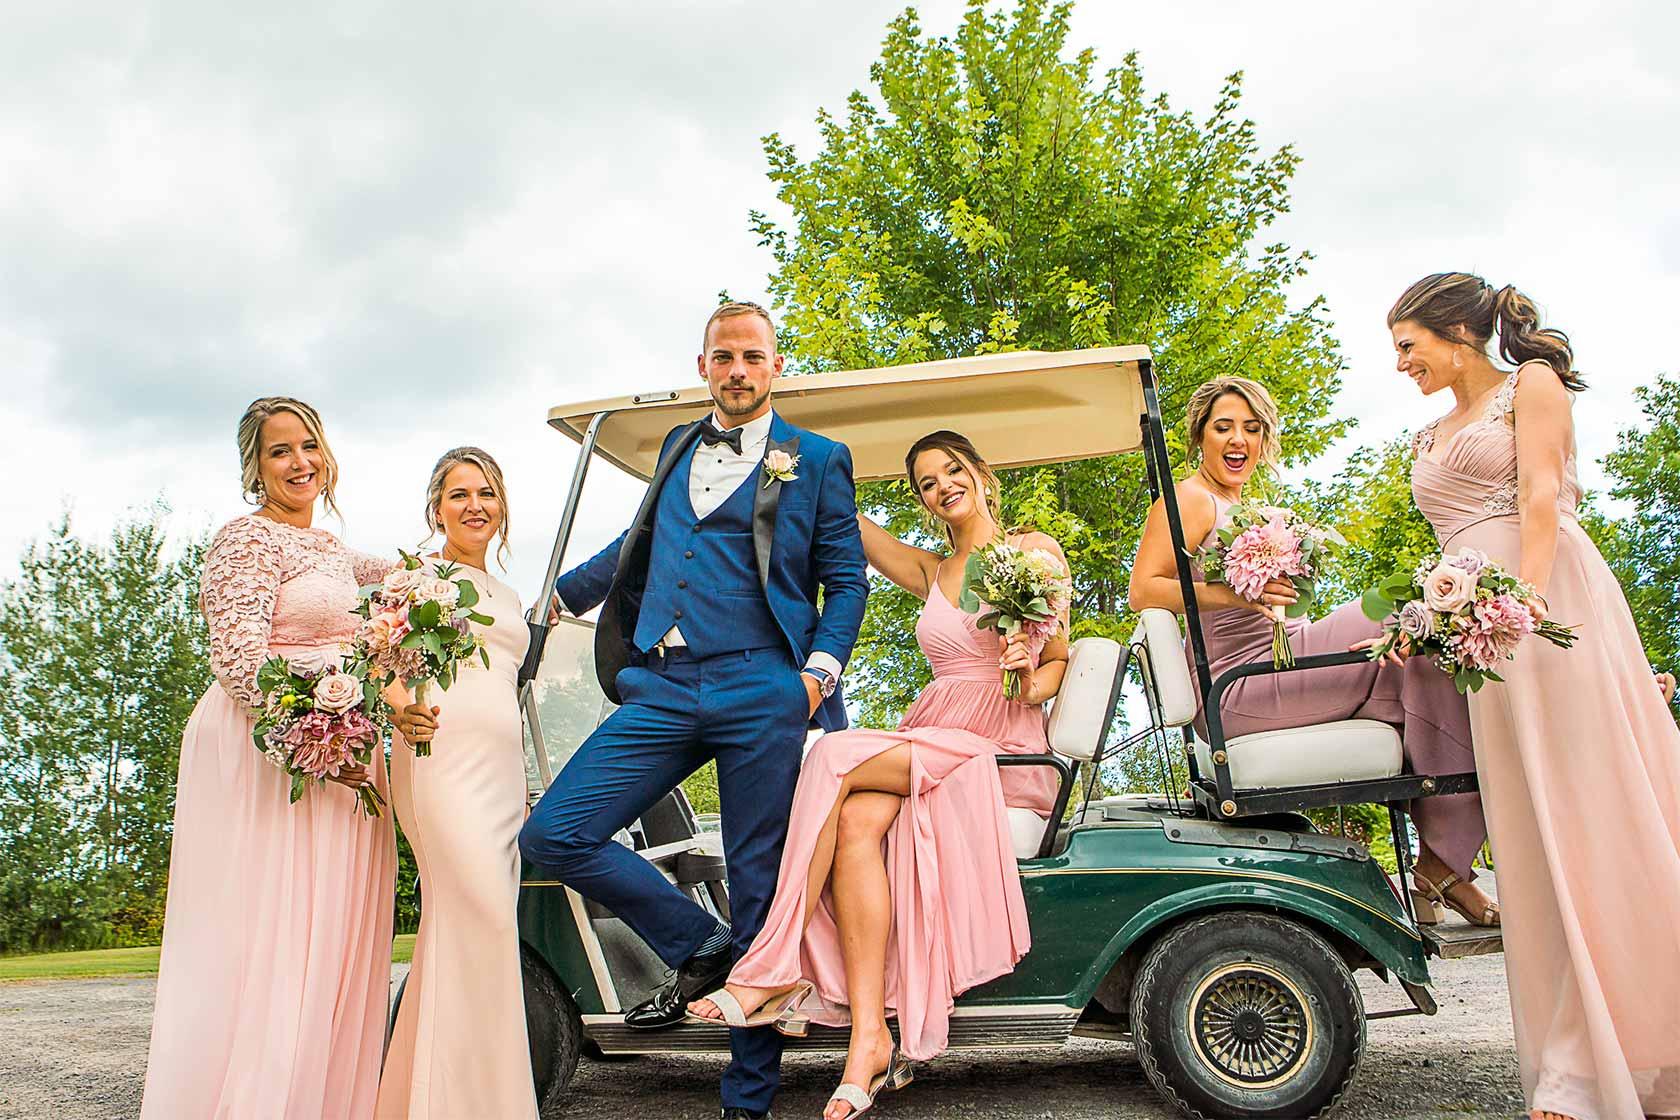 Danylo-Bobyk-Wedding-Photography-Stacey-Kenneth-02